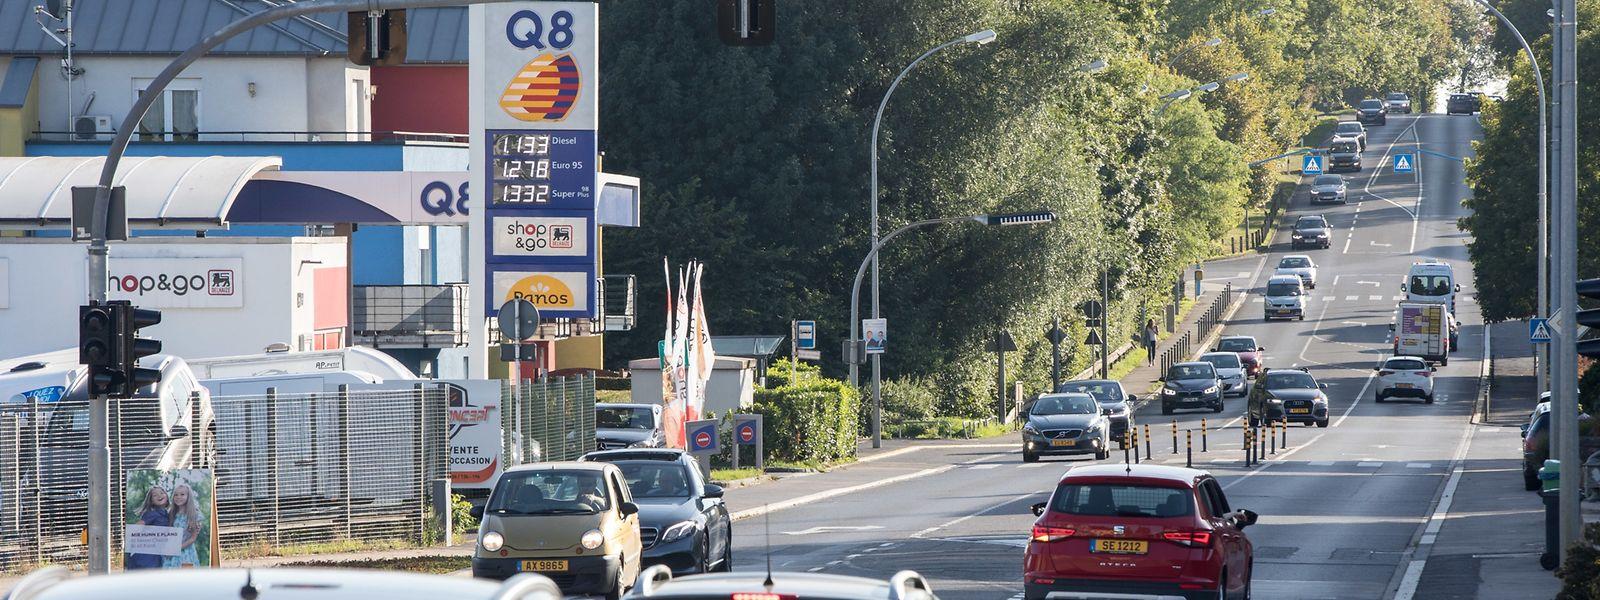 Die Bürgerinitiative in Dippach will alle politischen Hebeln ziehen, um ihre Forderung nach einer Umgehungsstraße durchzusetzen.